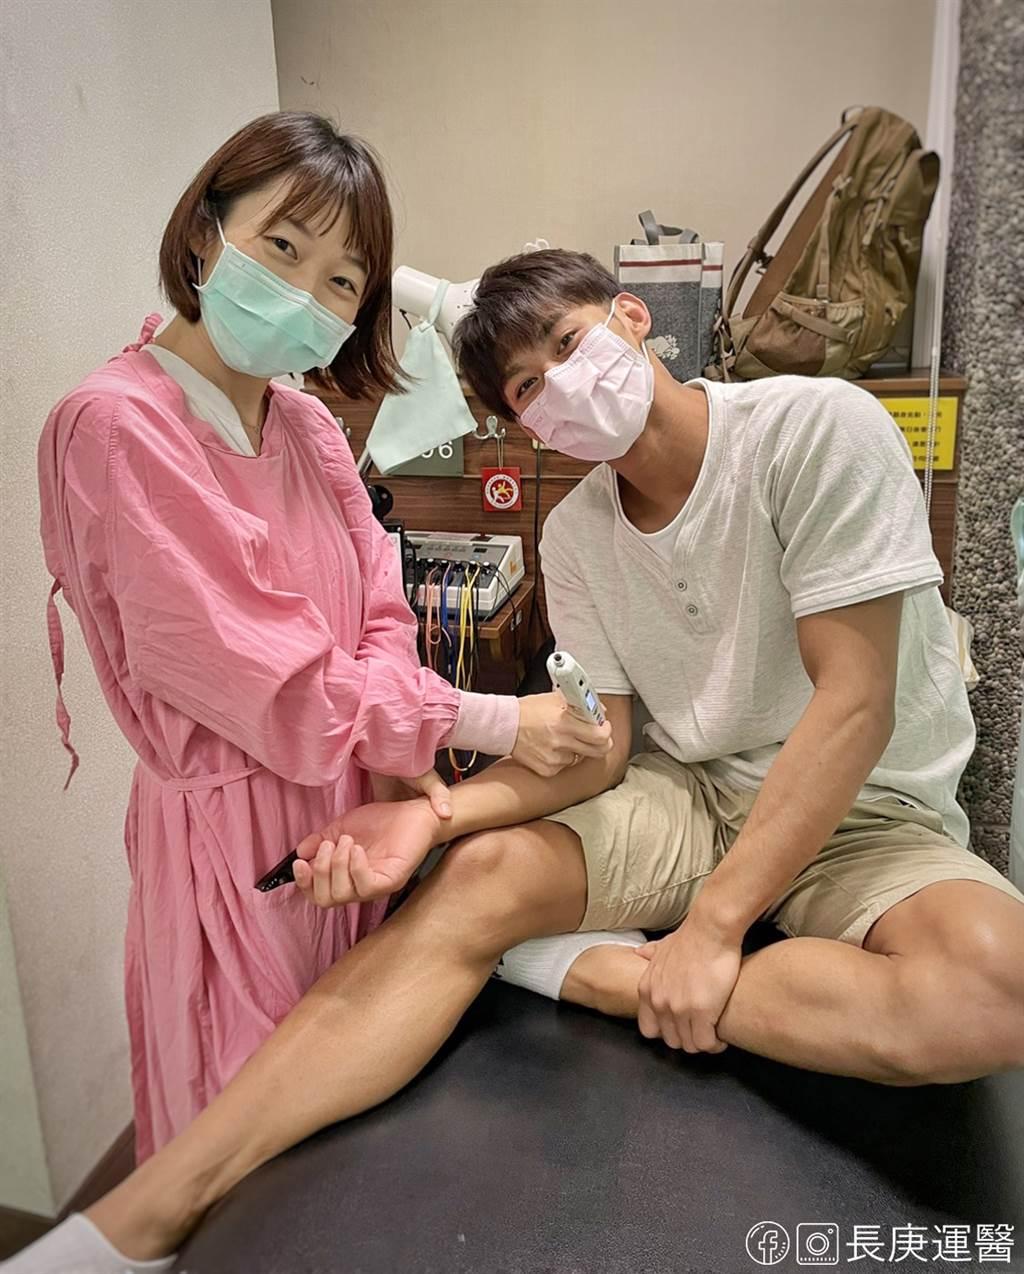 楊勇緯(右)於出發東京前於高雄長庚找郭純恩醫師治療(左) 。(長庚運動醫學團隊提供)